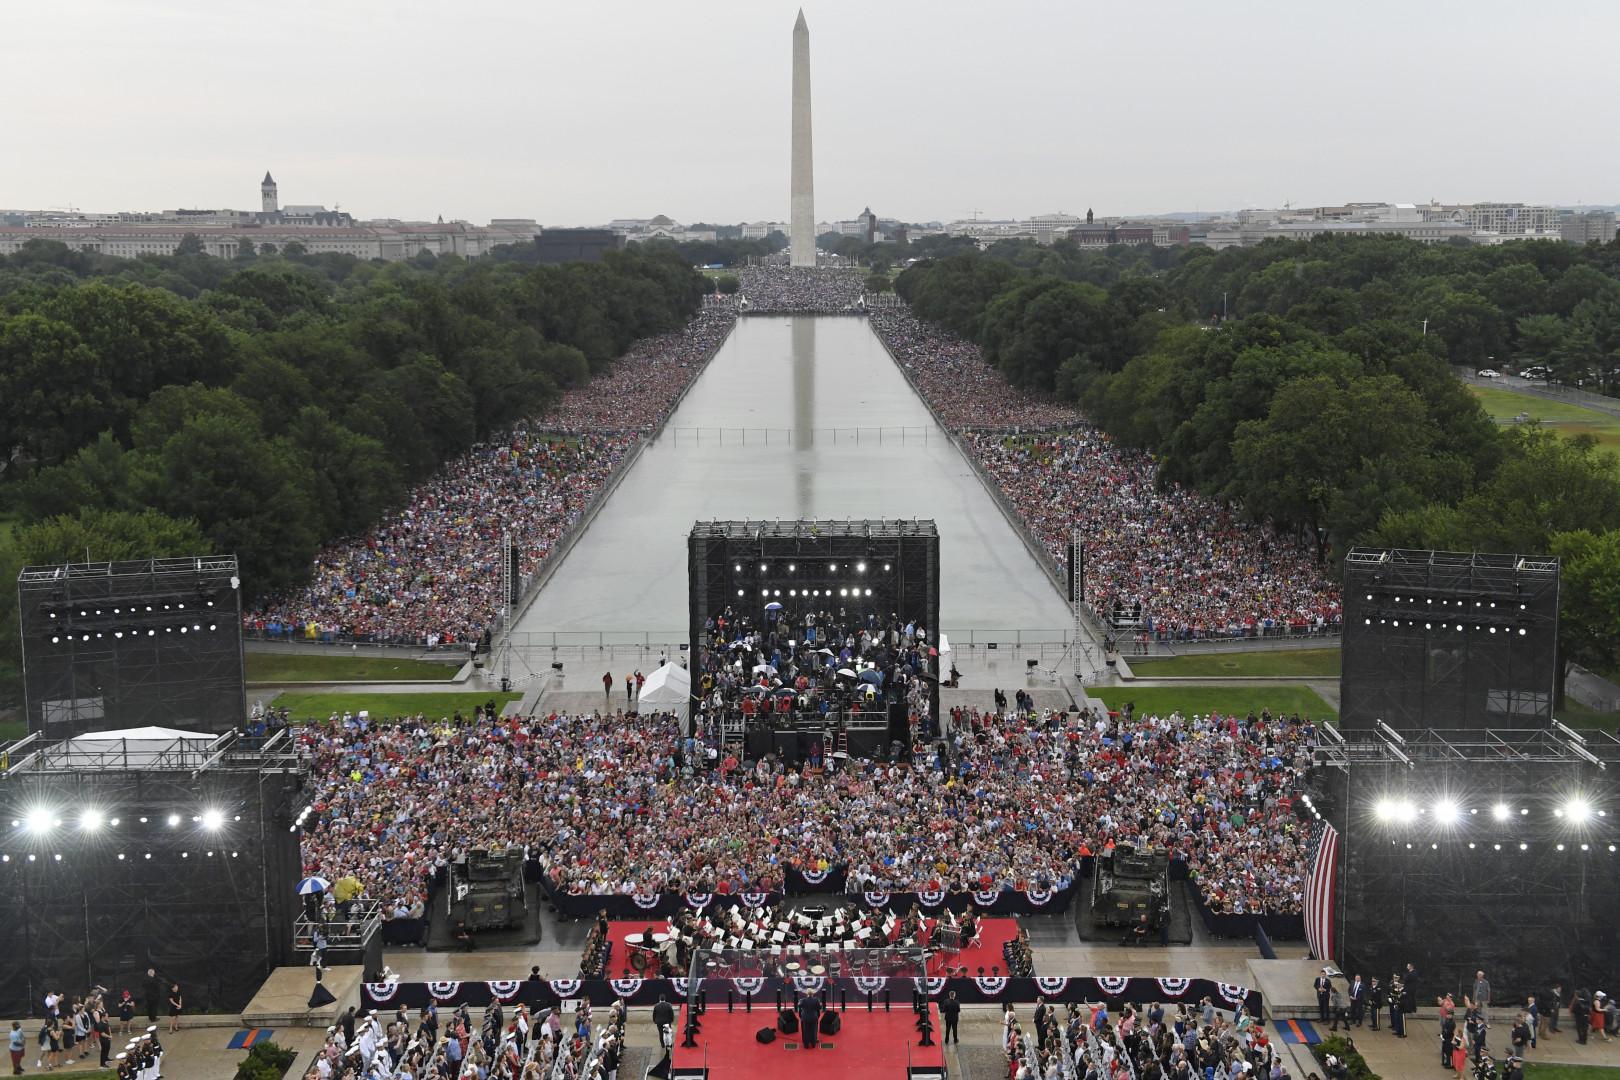 Les pelouses du National Mall de Washington ont été entièrement investies, en ce jour de fête nationale.